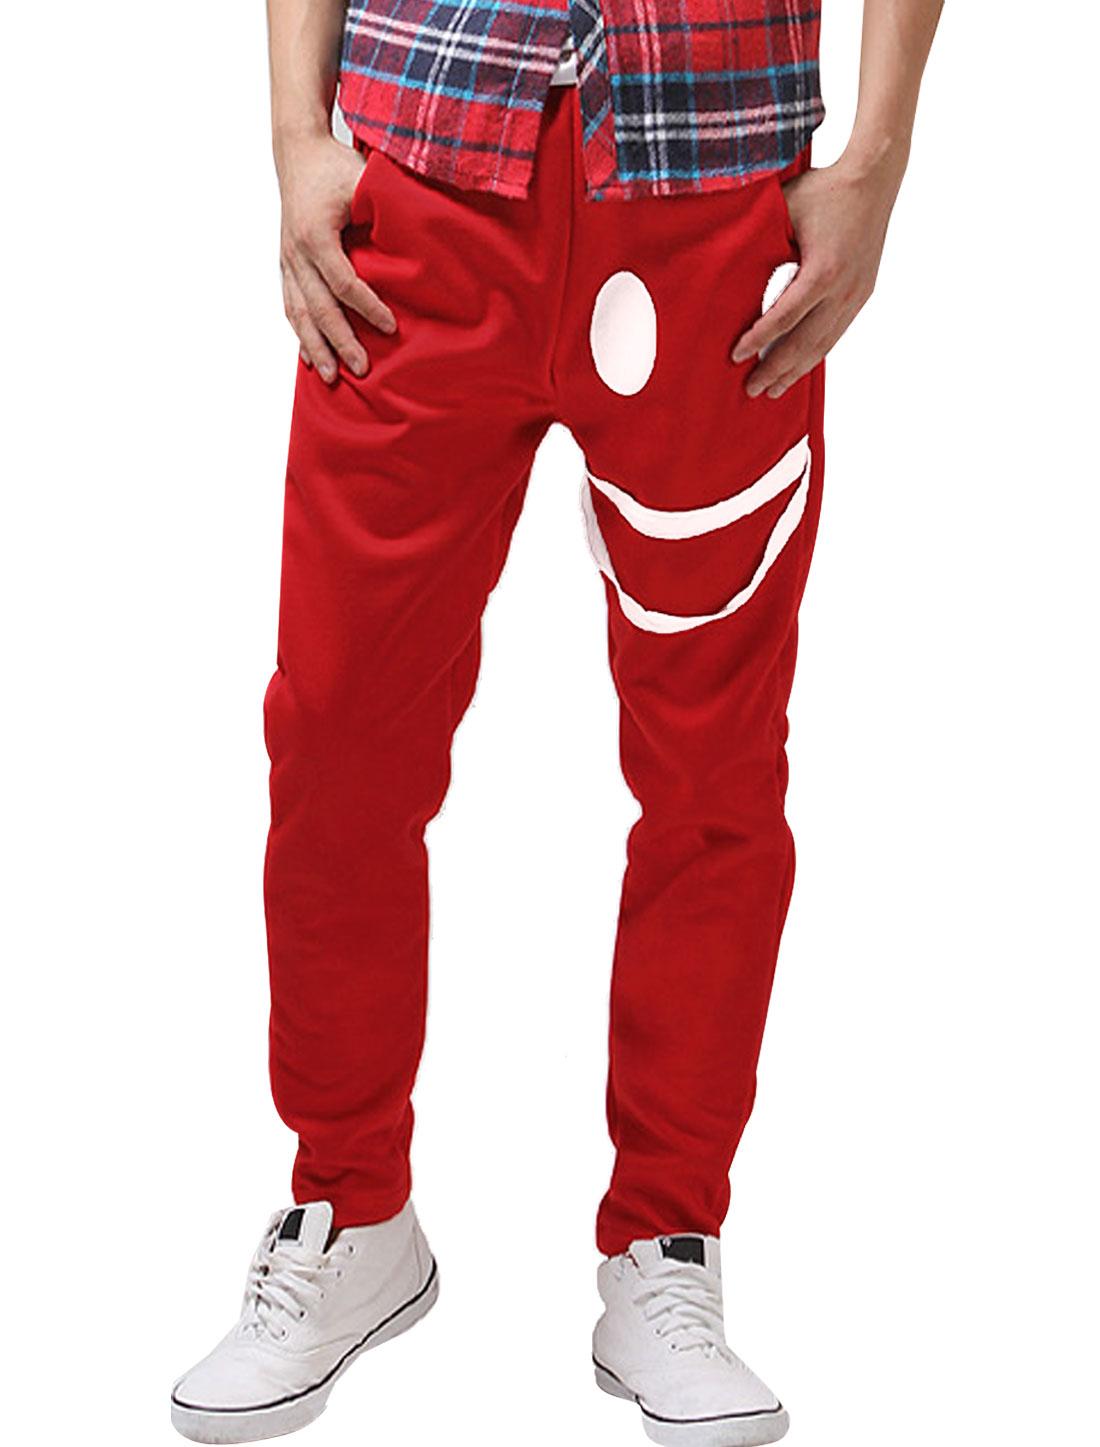 Mens Red Fashion Smile Design Front Slant Pockets Harem Pants W32